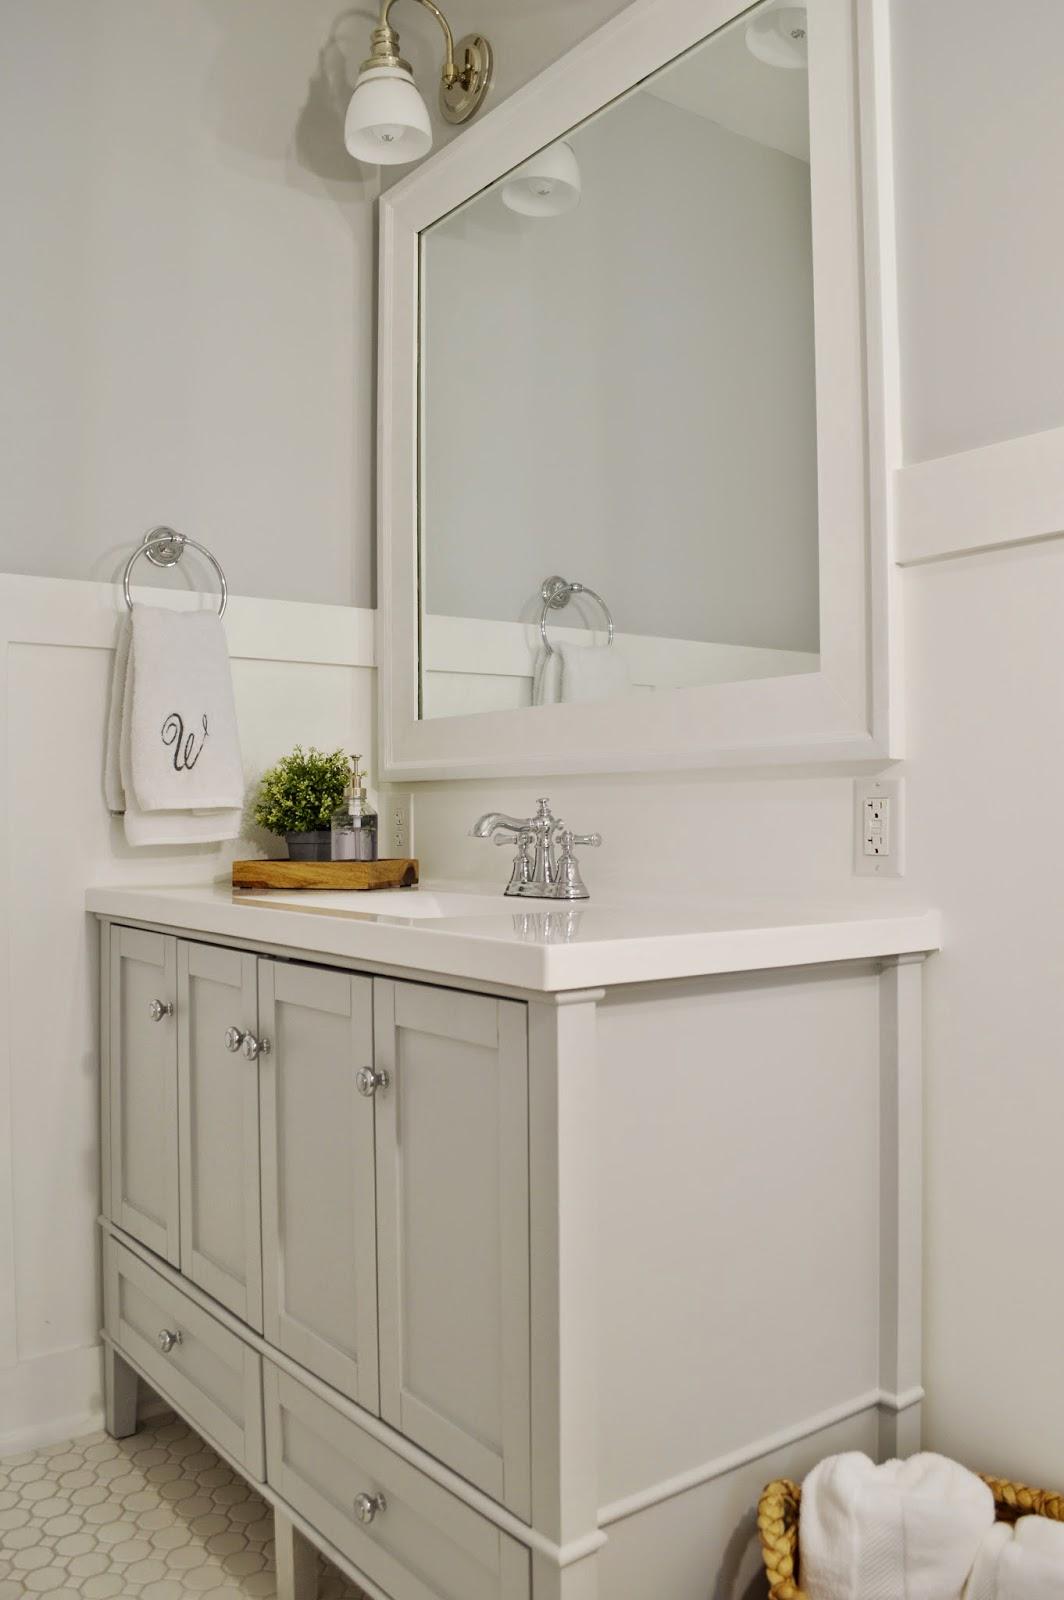 Bathroom Shelving Ideas 724 South House June 2014